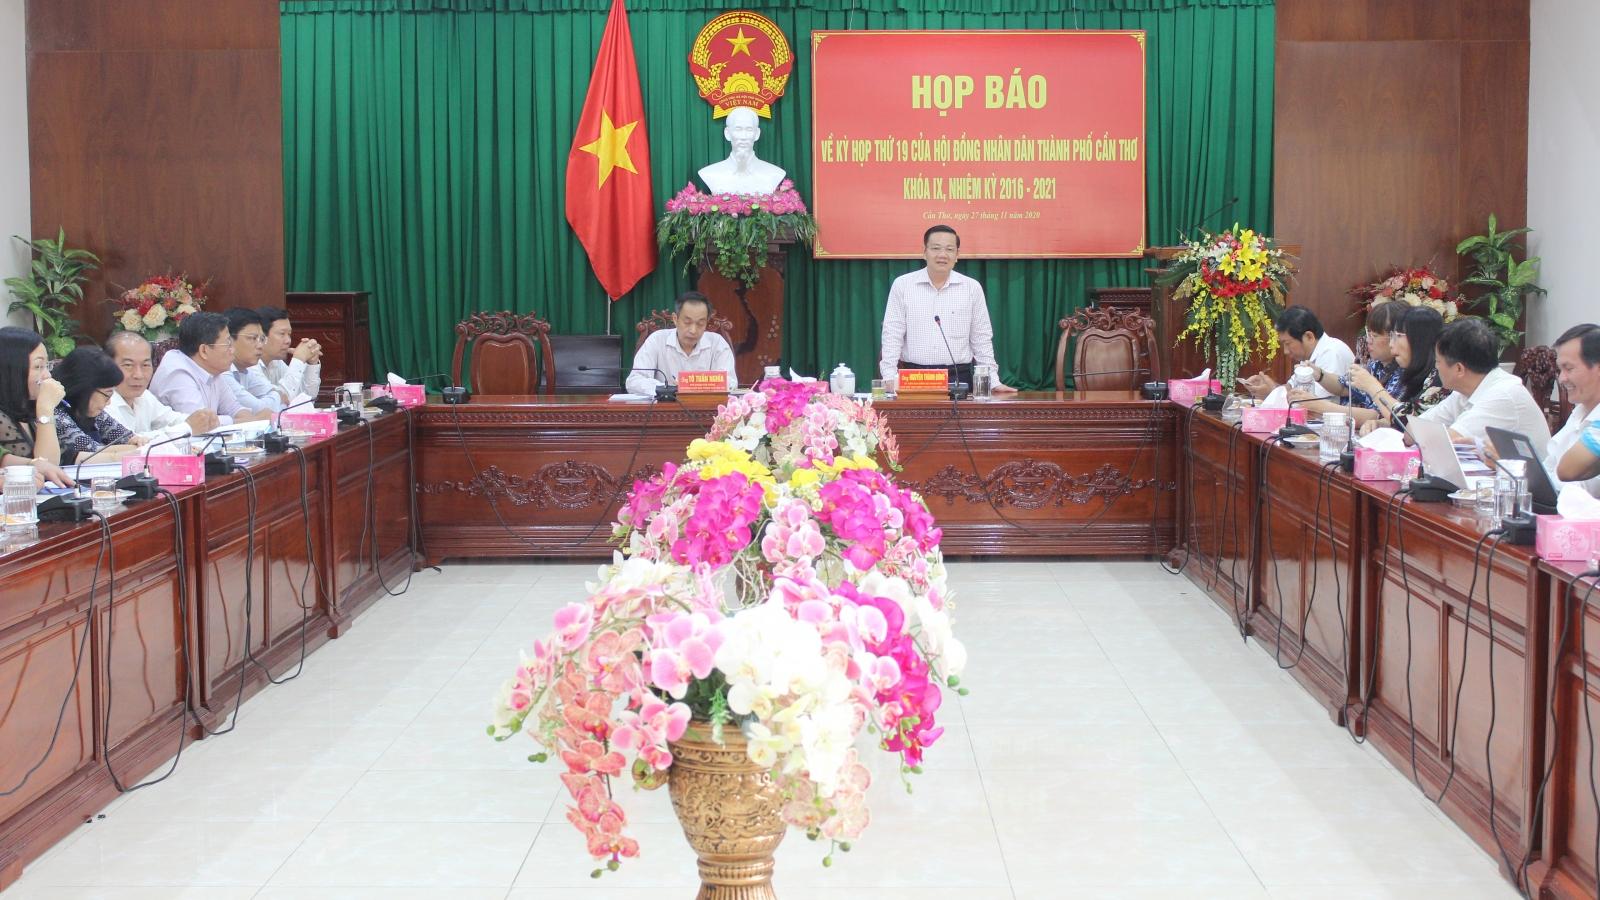 Kỳ họp thứ 19 HĐND thành phố Cần Thơ sẽ bầu Phó Chủ tịch UBND thành phố